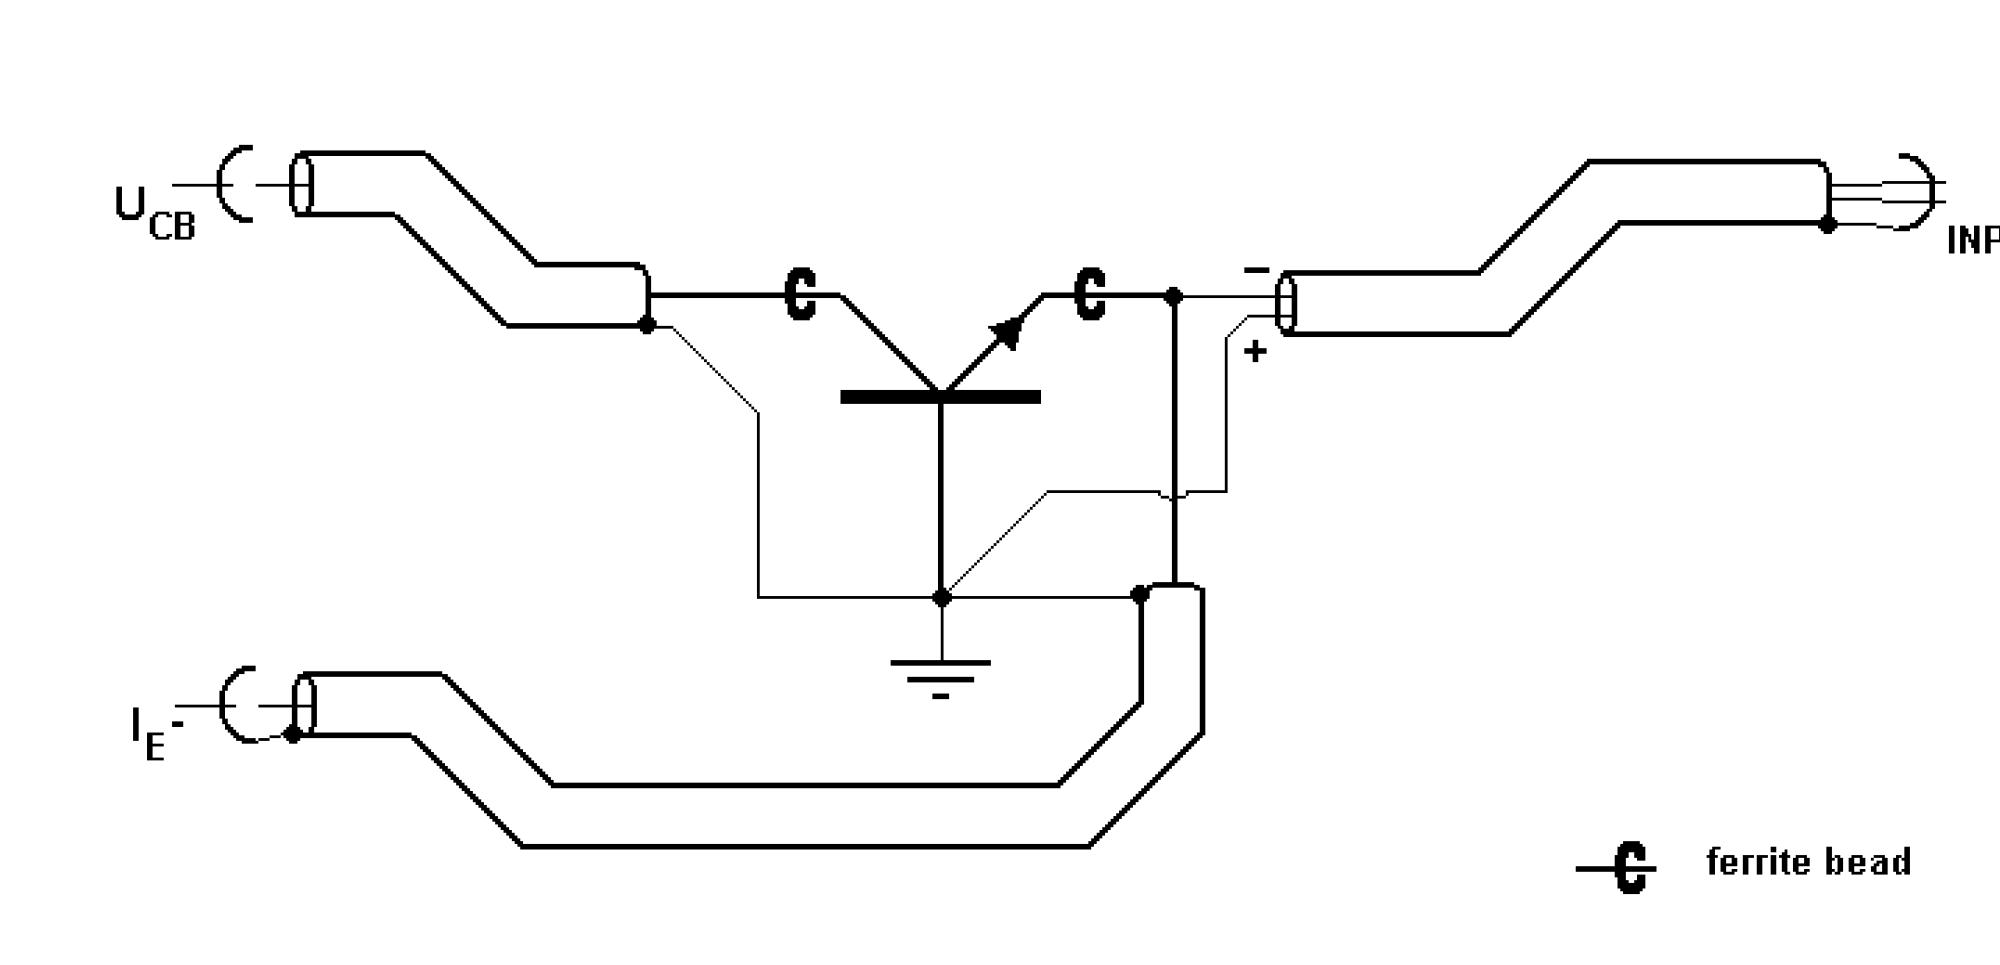 电压源与电流源串联,电压源无法正常工作